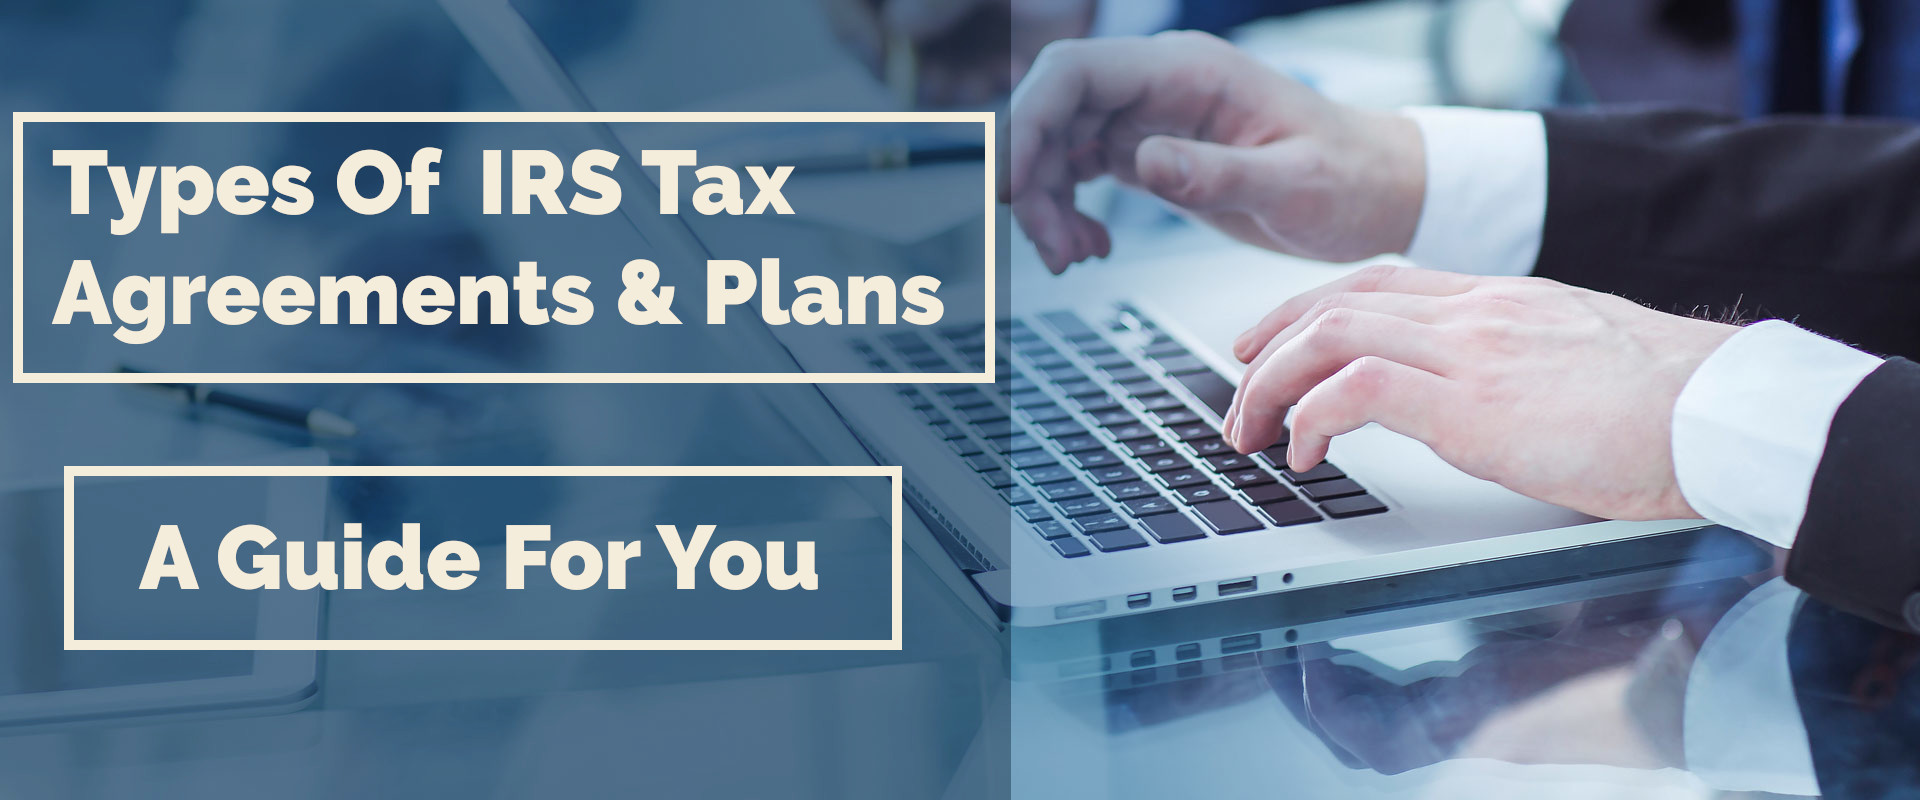 irs-tax-agreements